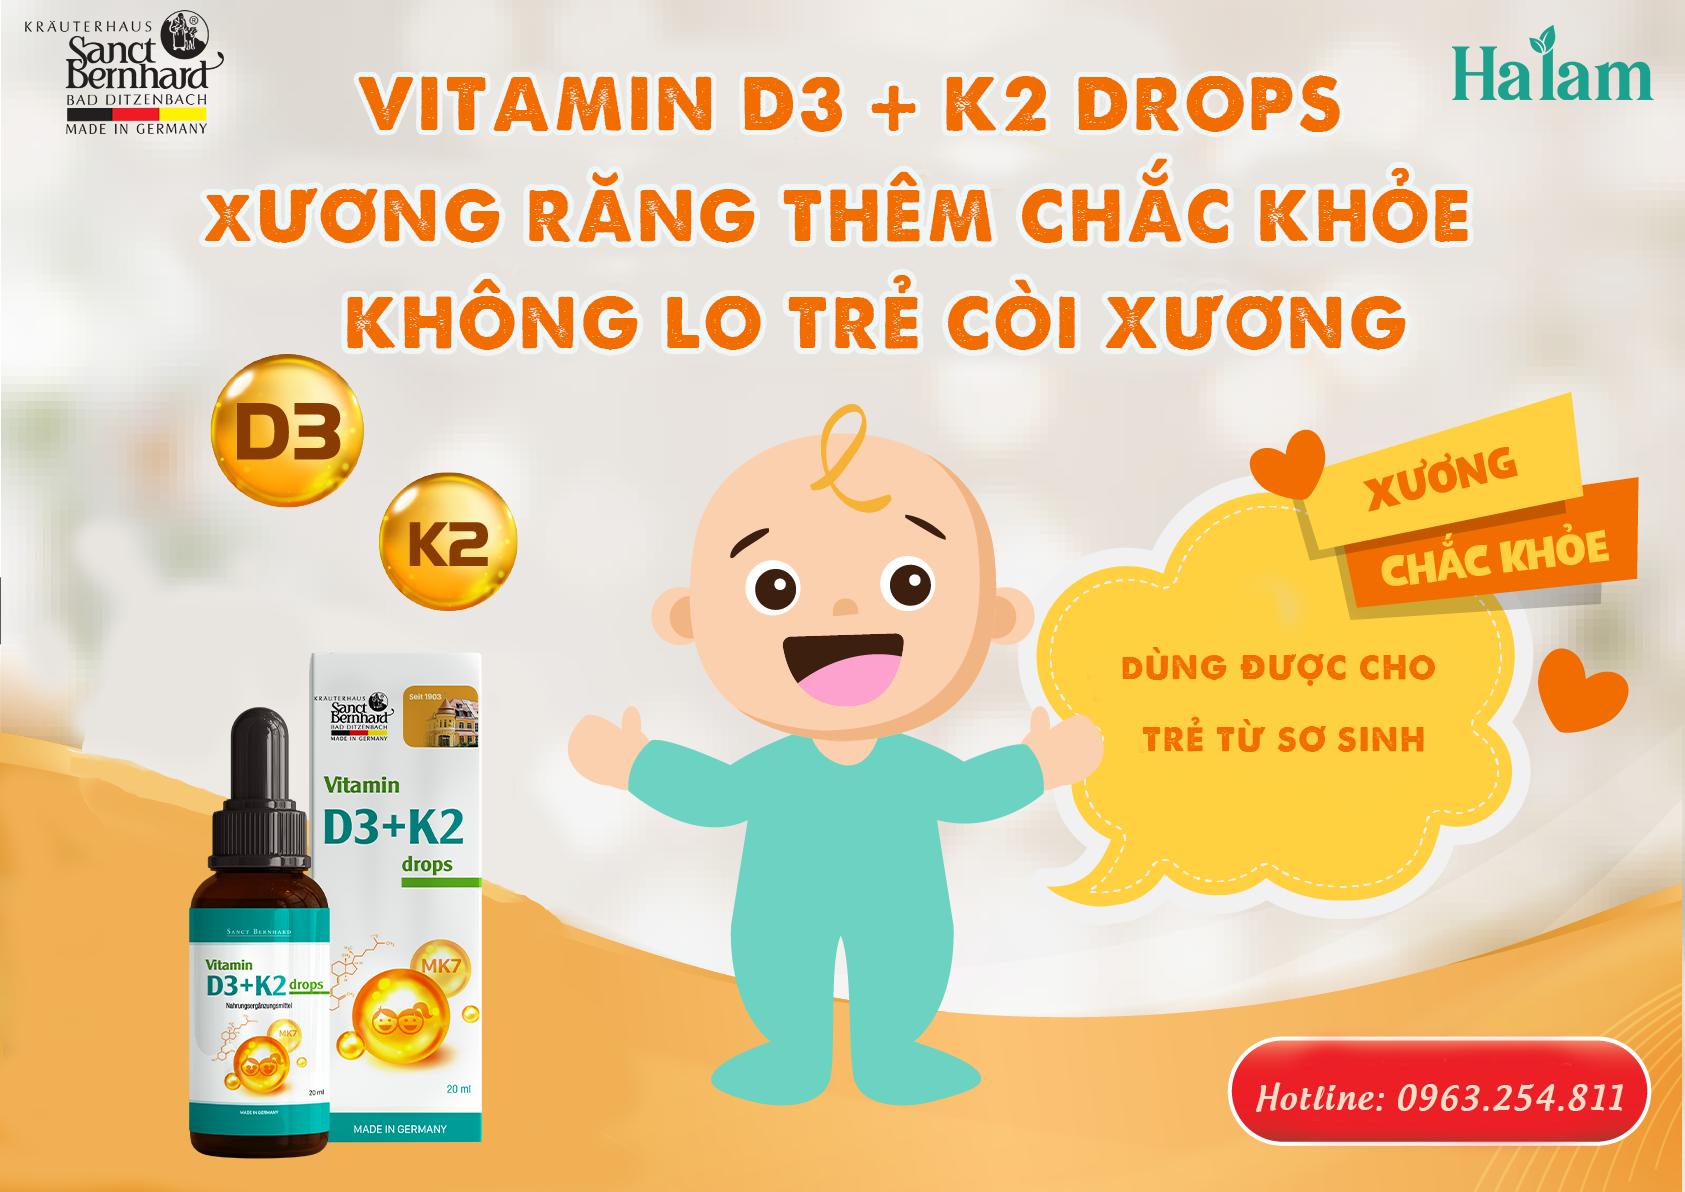 Vitamind3k2 sanct bernhard Đức